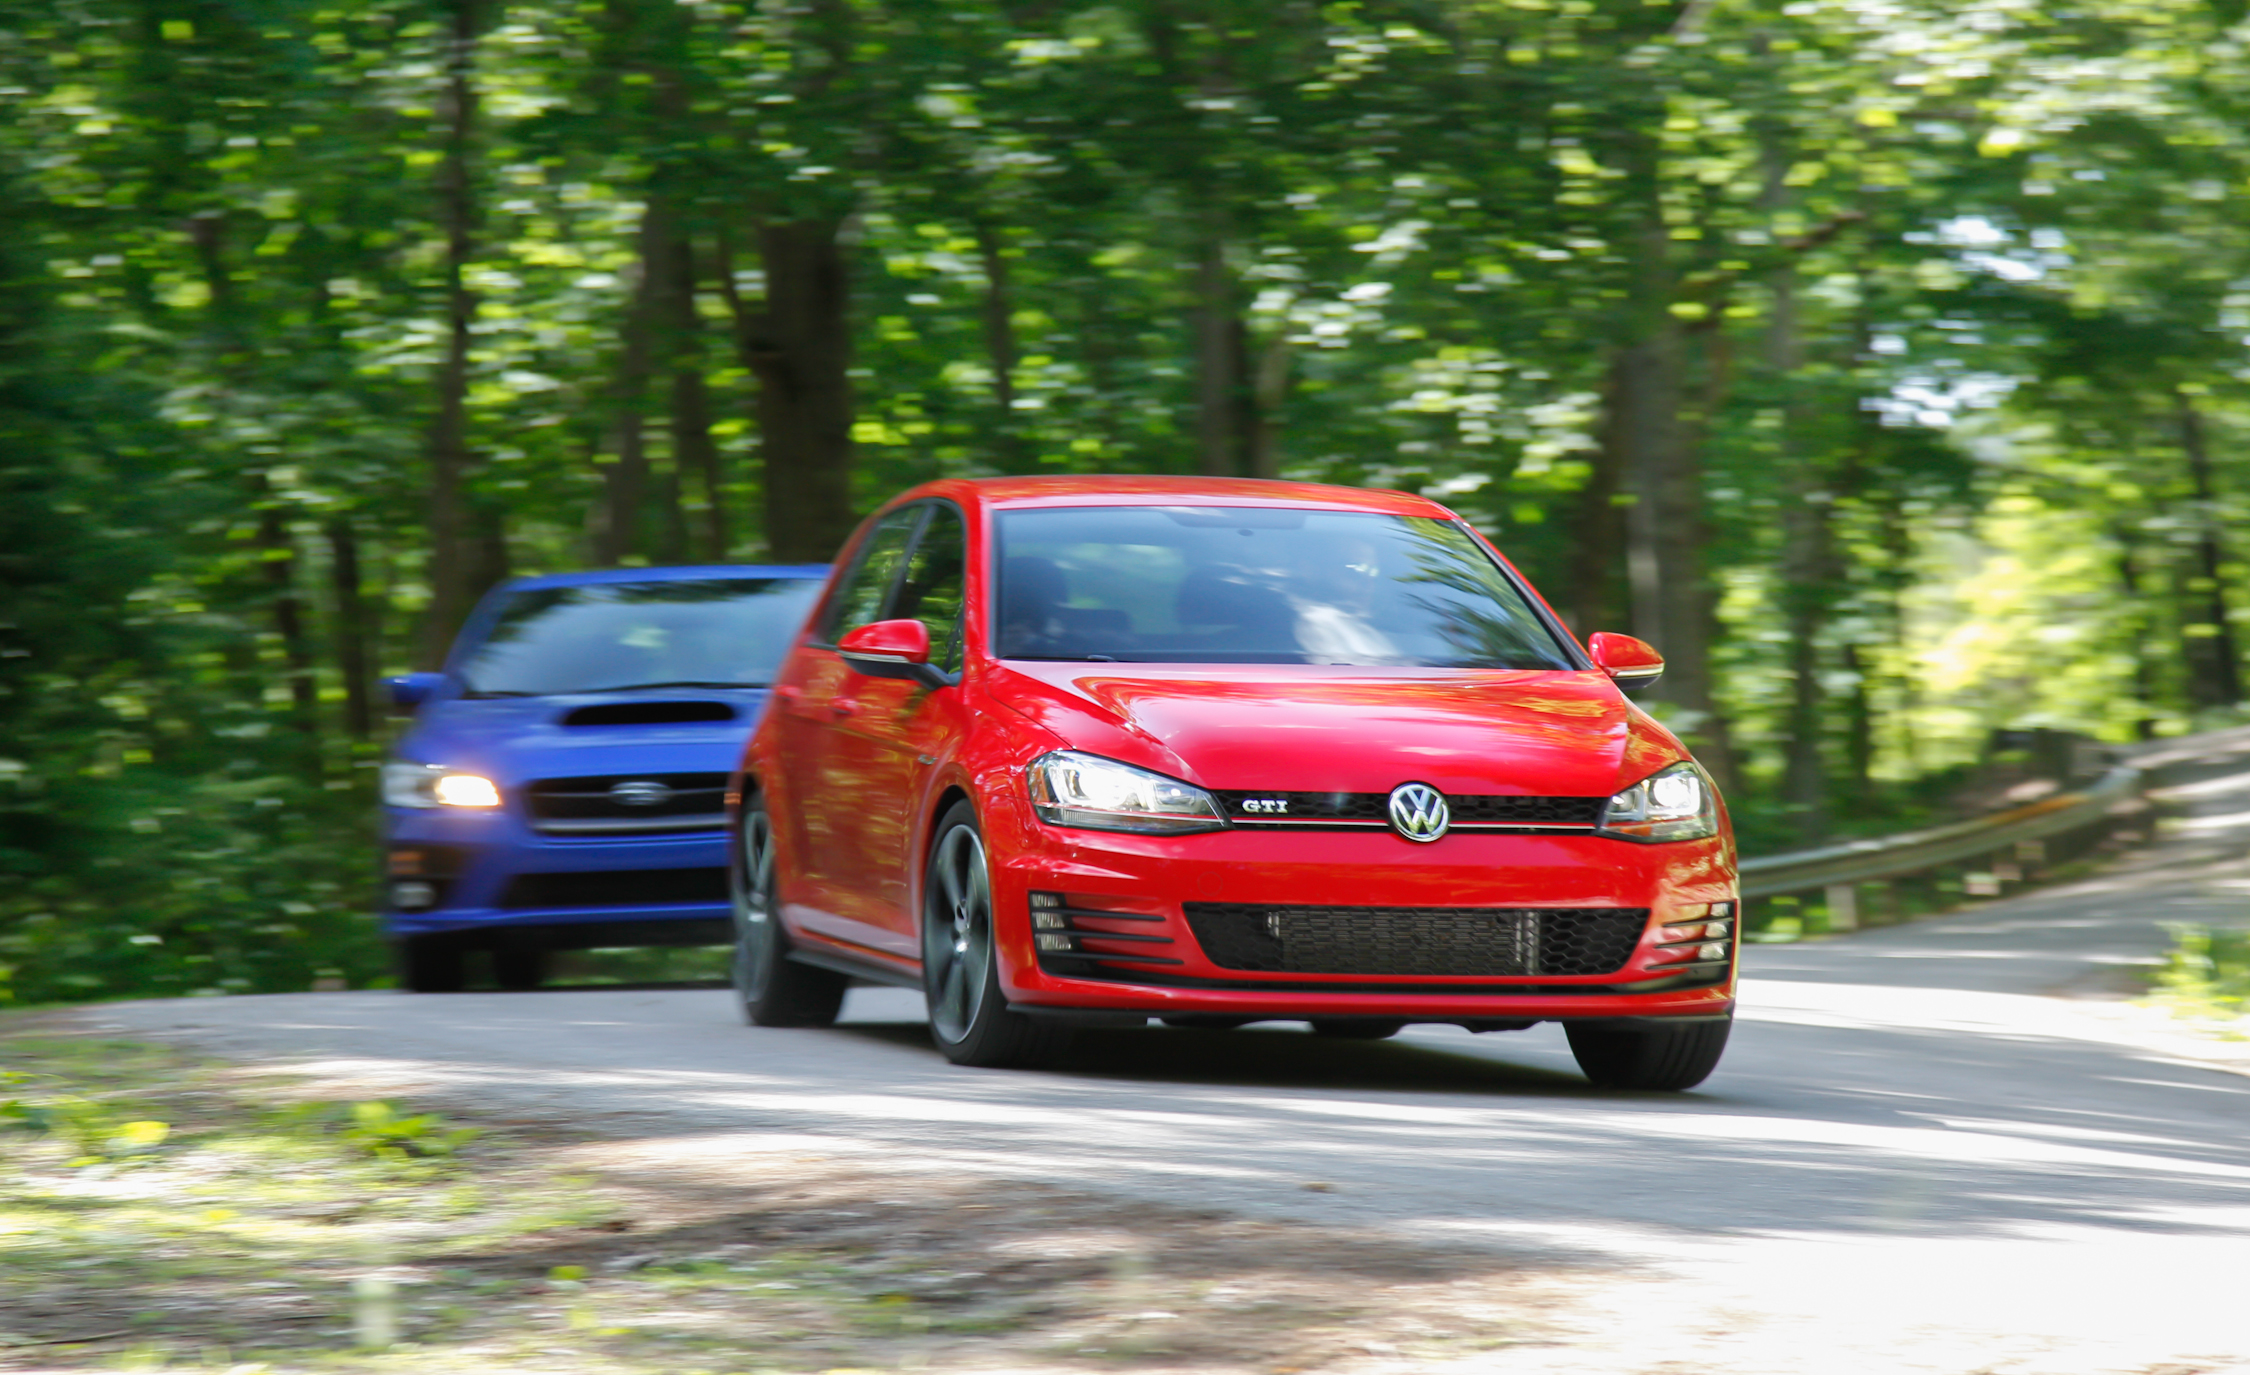 Test Drive 2015 Volkswagen GTI 5-Door